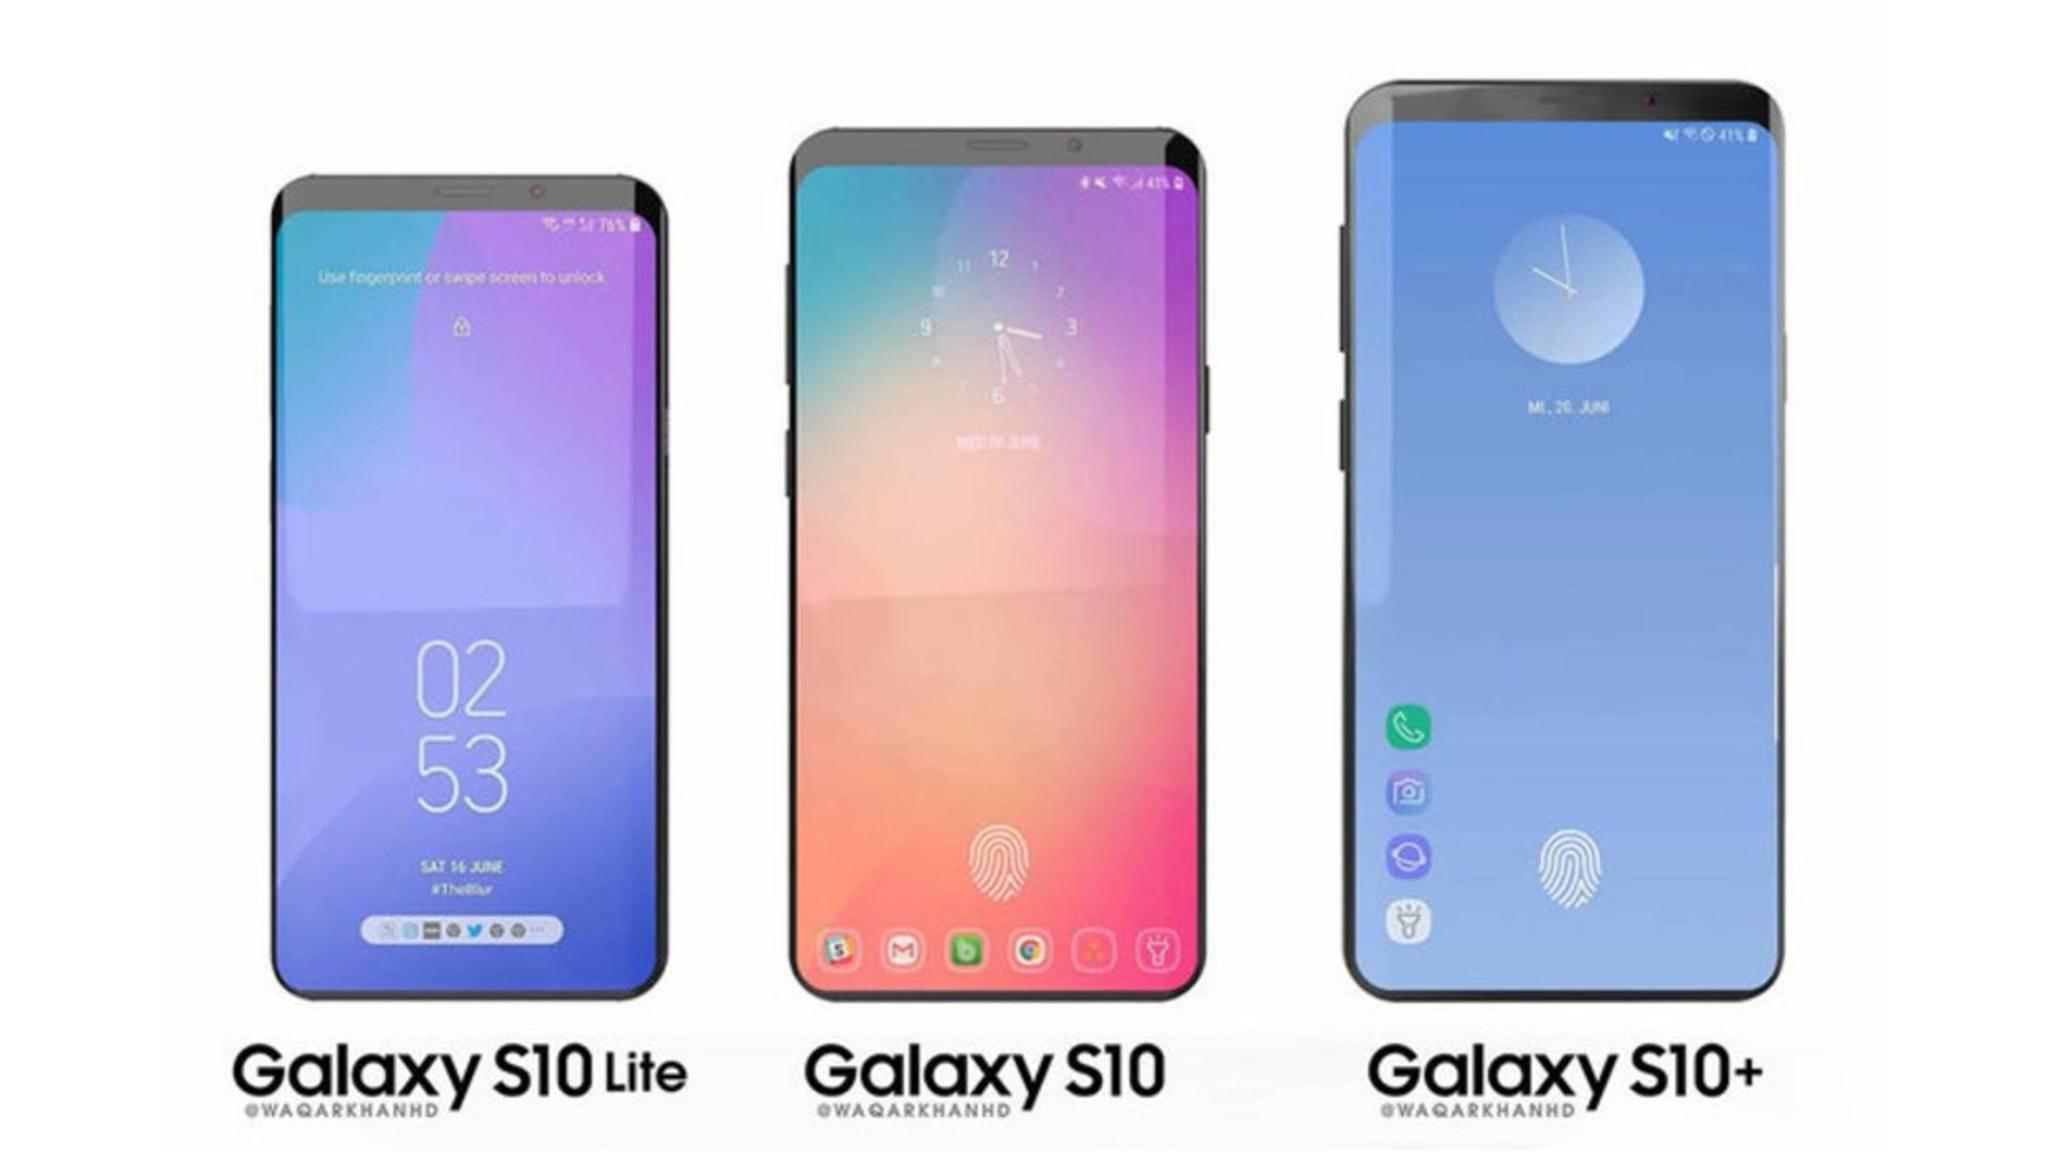 Das Galaxy S10 soll in vier Farbvarianten erscheinen. Welche Farben hierzulande verfügbar sein werden, ist noch nicht bekannt.